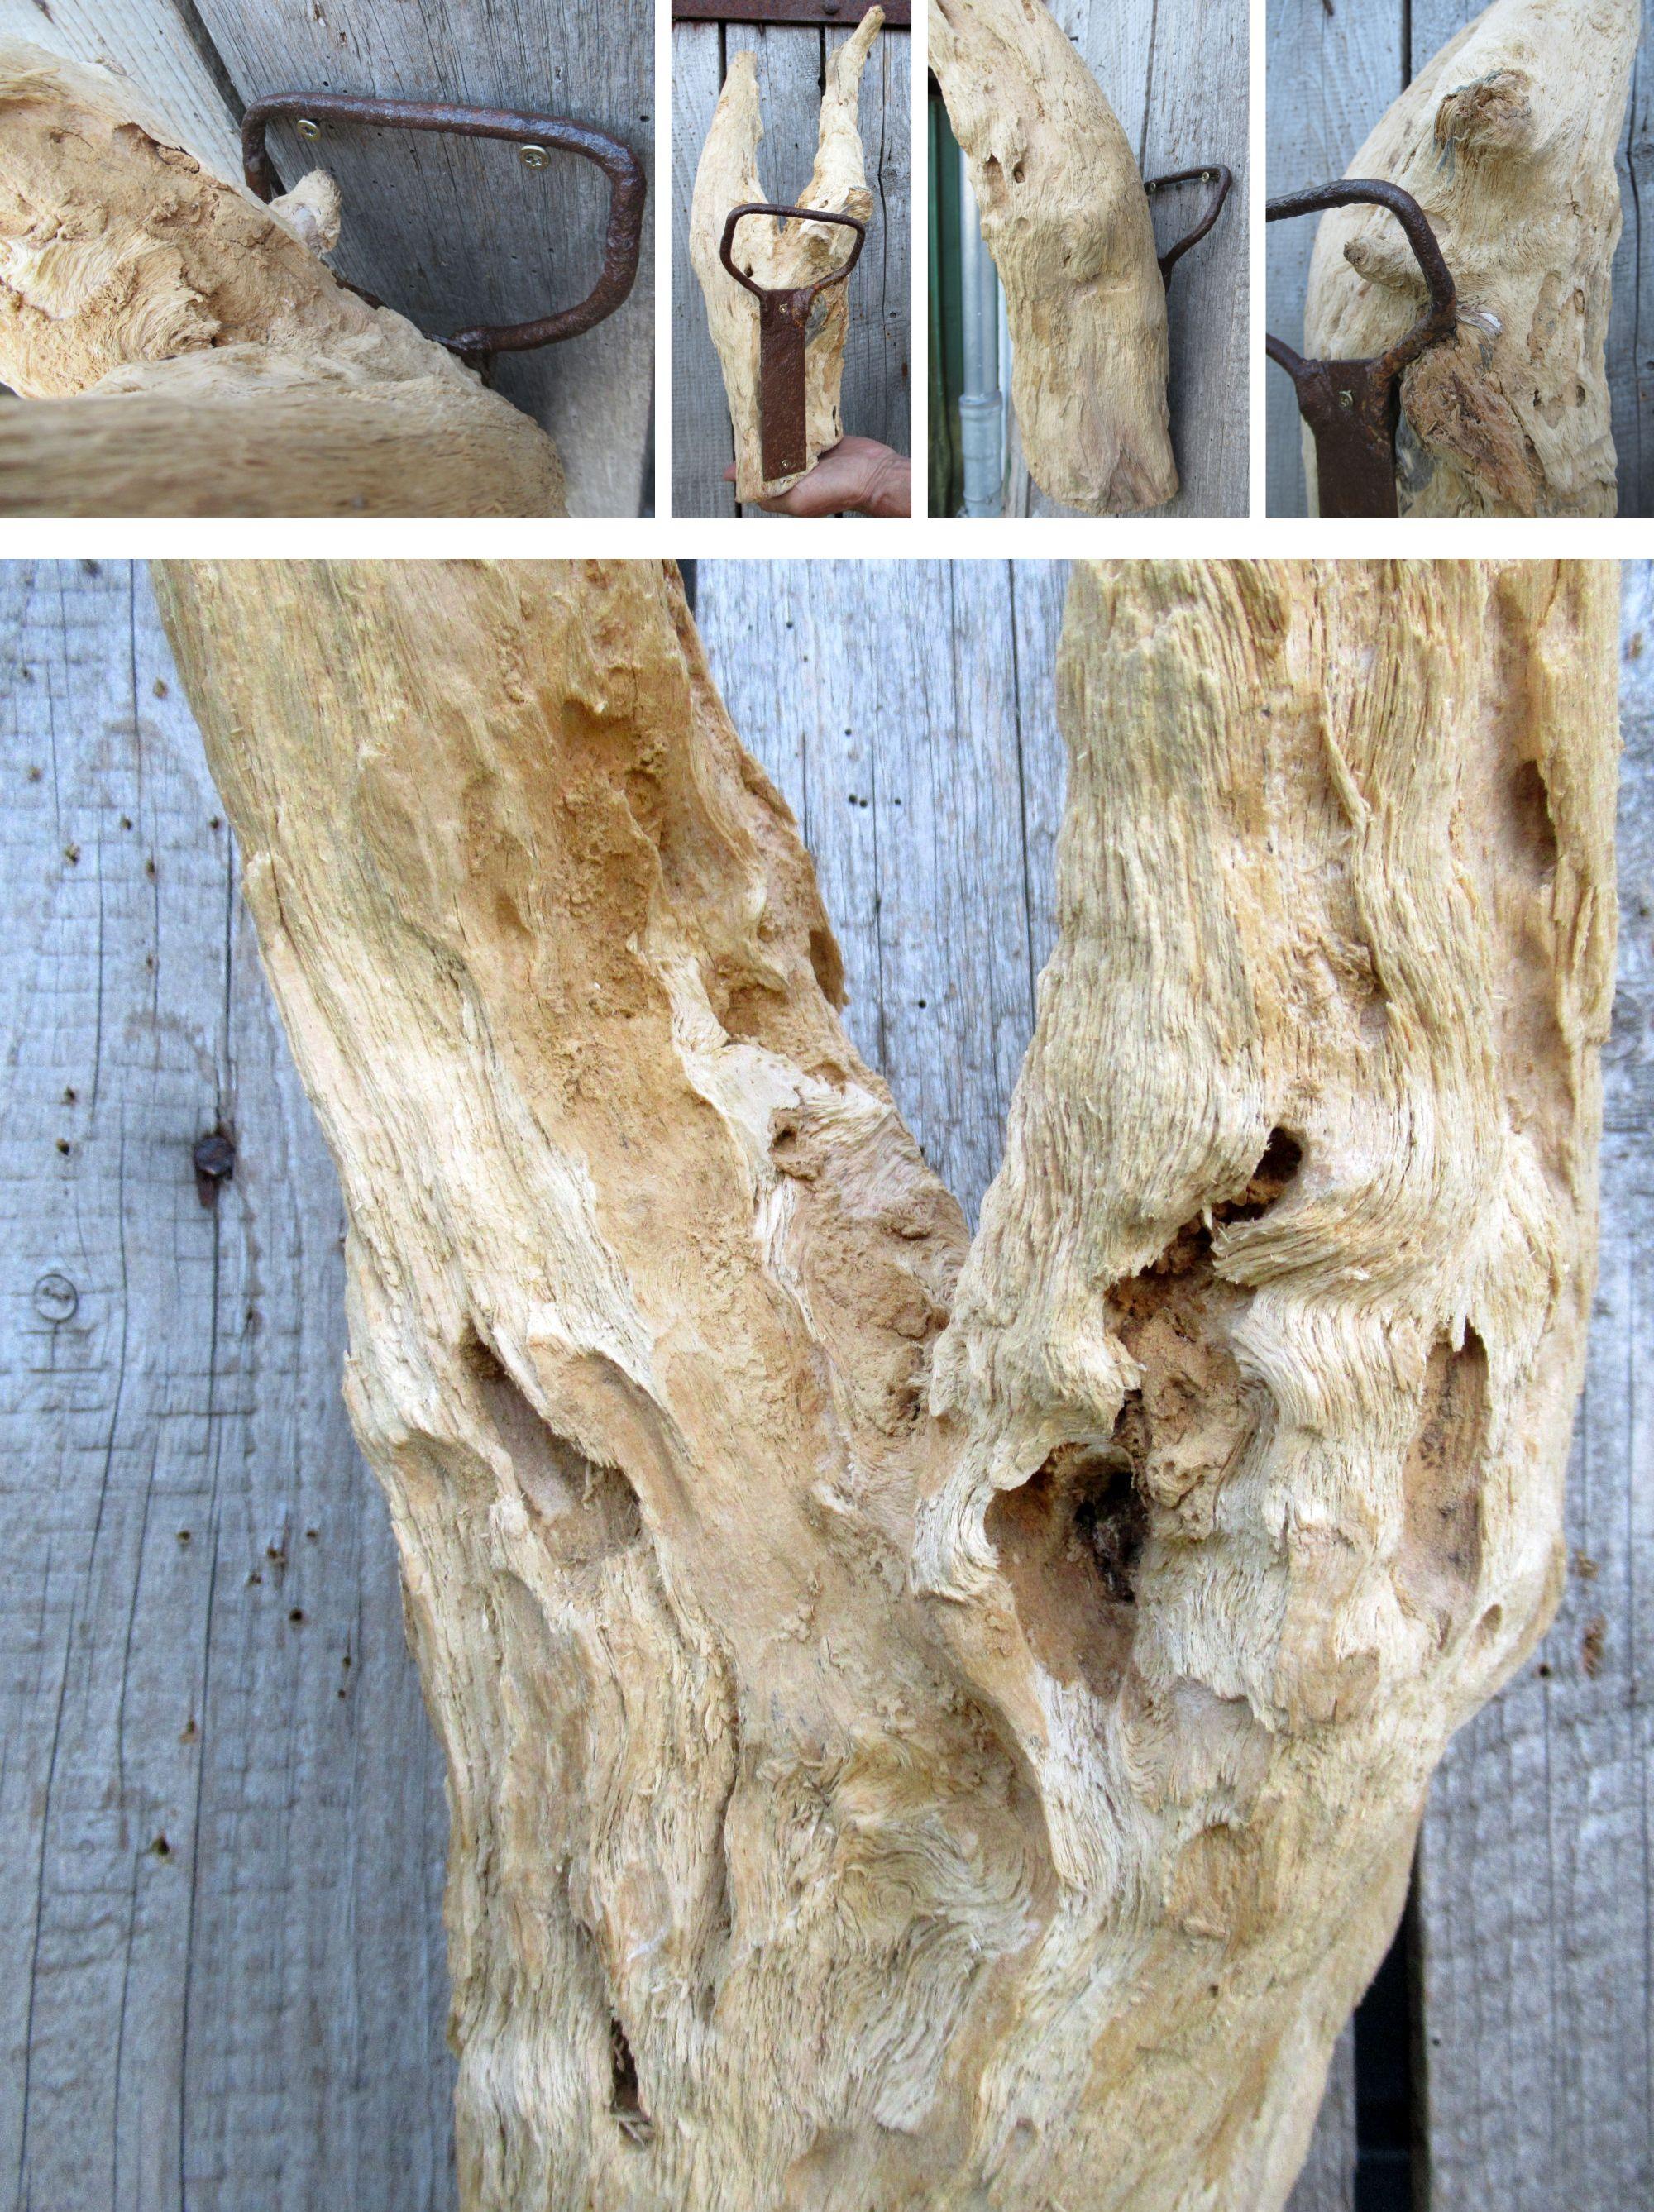 Treibholz Objekt zum Aufhängen, diy Idee